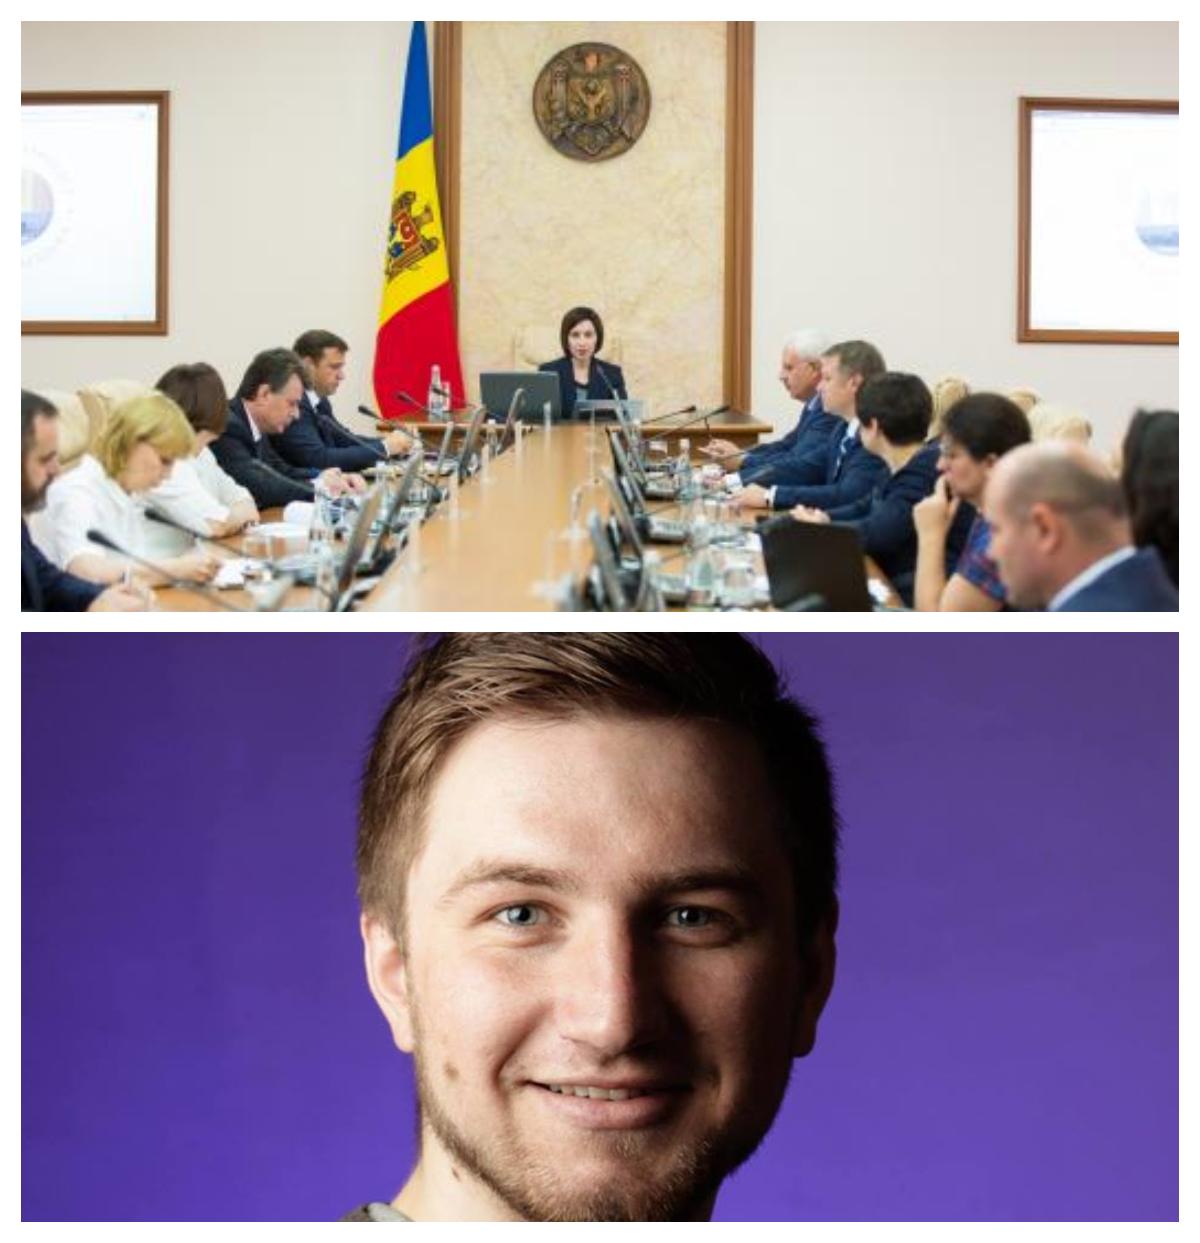 Guvernul salută inițiativa lui Andrei Lambarschi, tânărul stabilit în Irlanda care vrea să doneze echipament IT  centrelor comunitare din Moldova